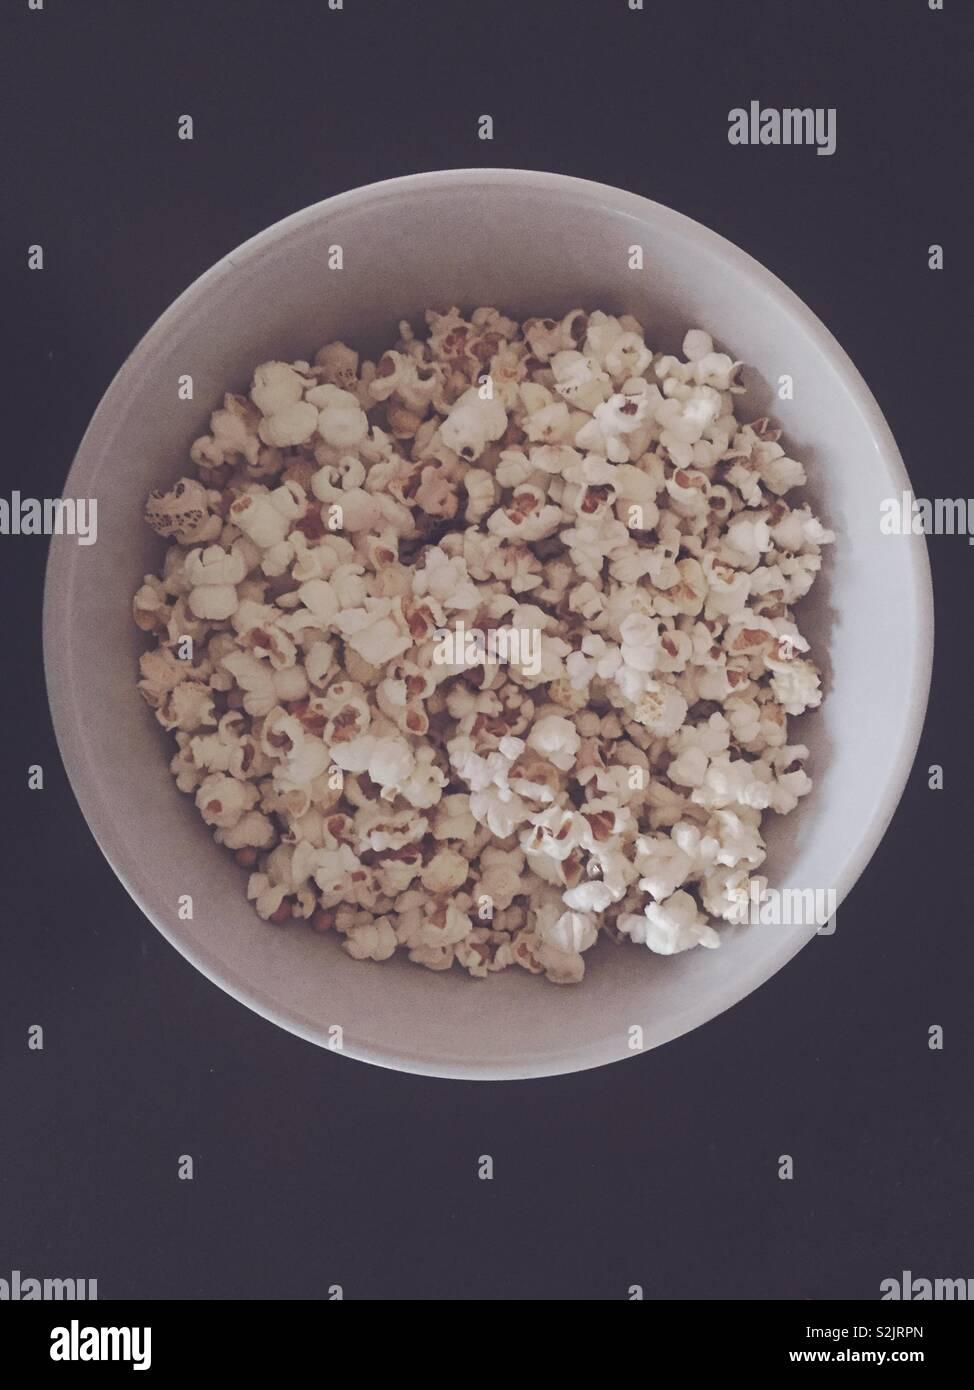 Hausgemachte Popcorn in der Schüssel. Keine Mikrowelle. Stockbild